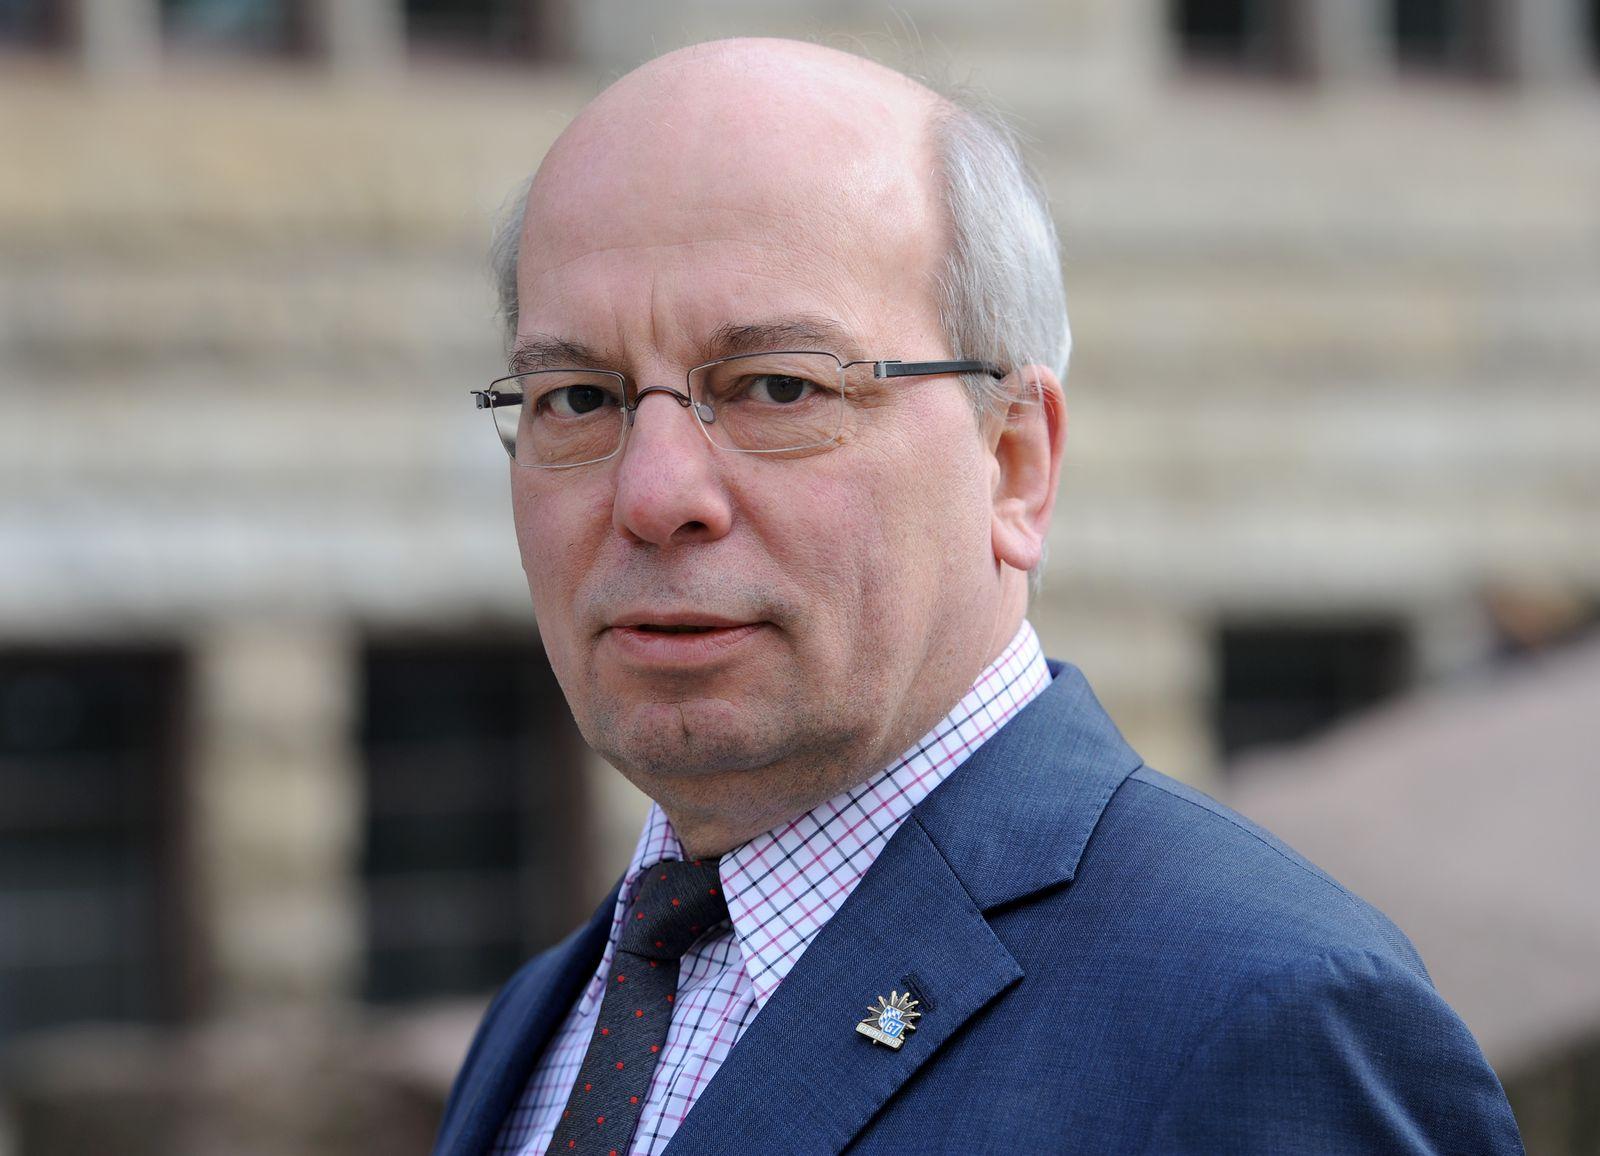 Rainer Wendt/ Bundesvorsitzender/ Deutsche Polizeigewerkschaft